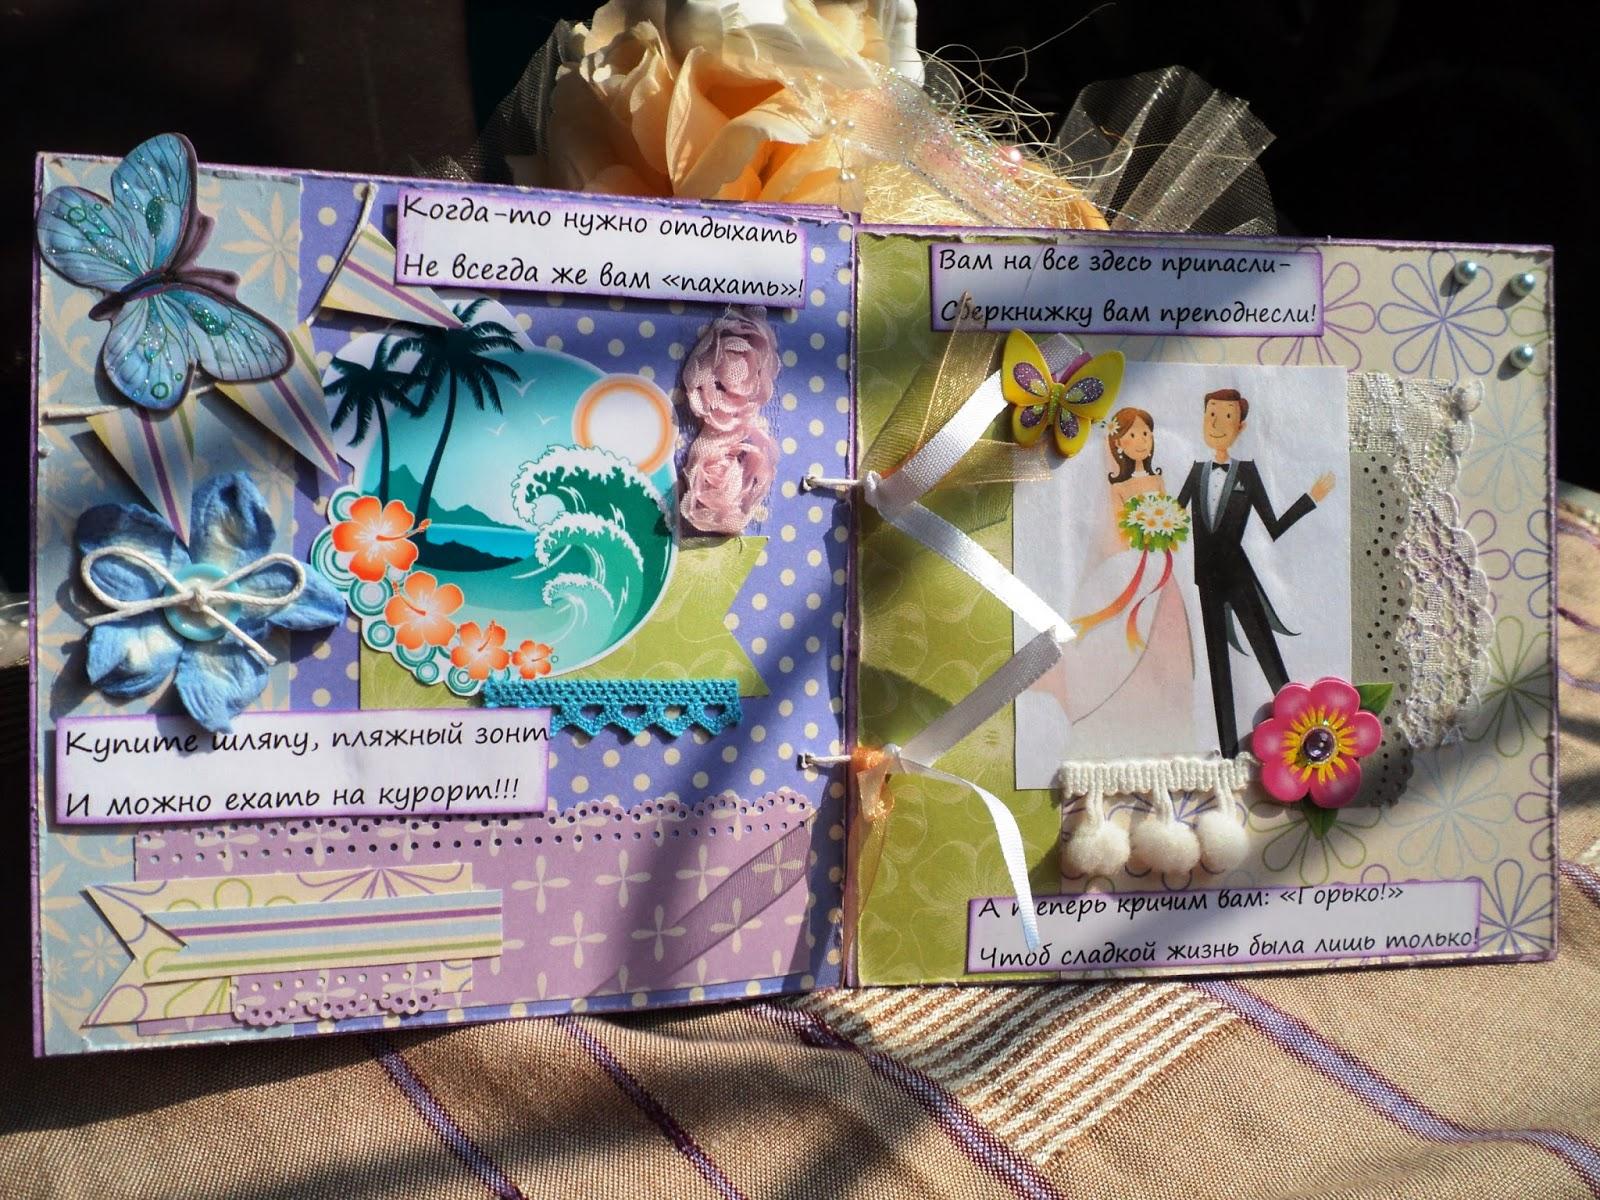 Оригинальные и прикольные подарки на свадьбу молодоженам 68